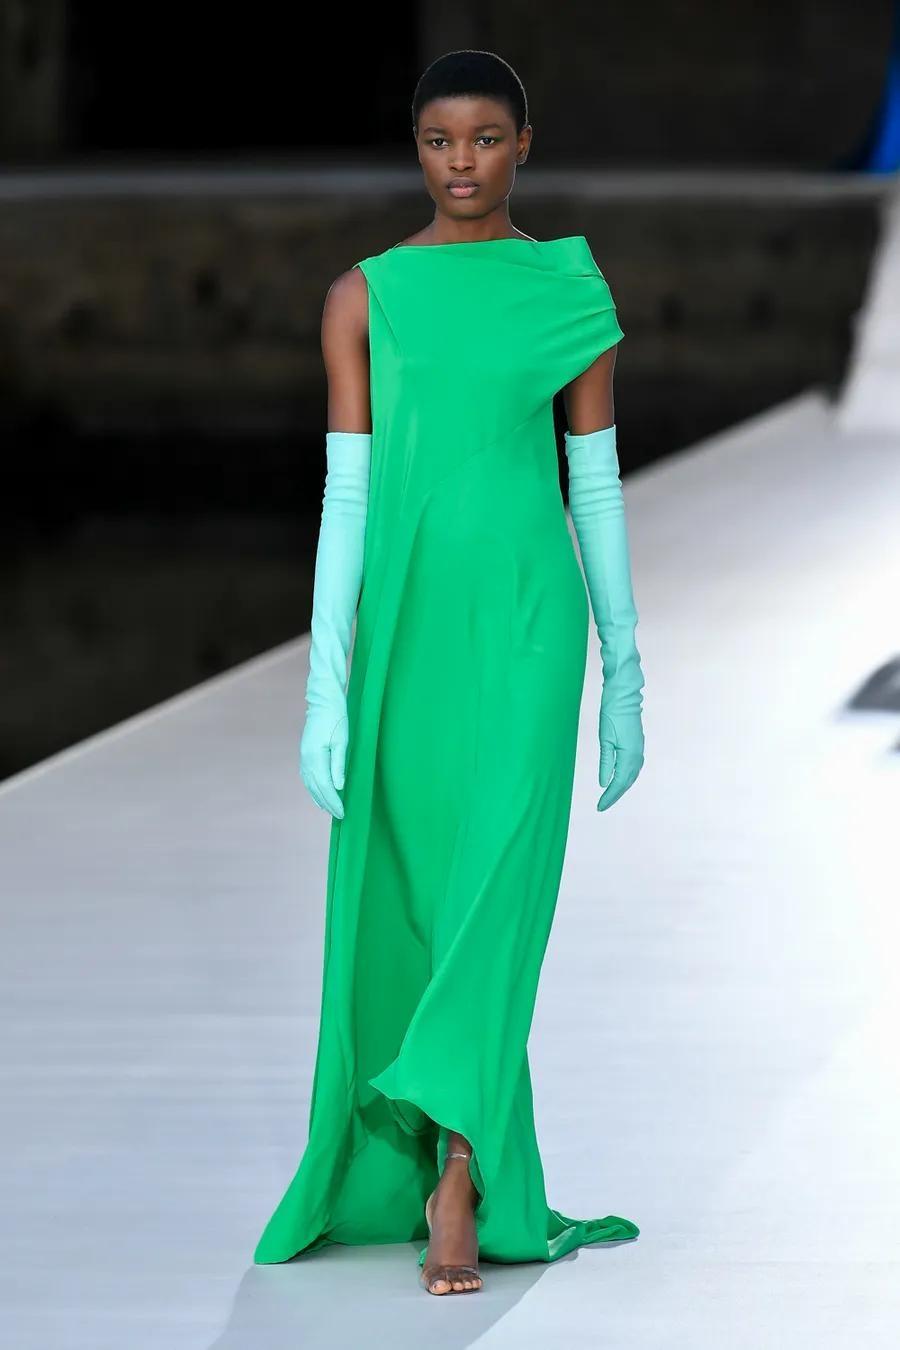 Шляпы с перьями и много цвета в новой коллекции Valentino Haute Couture (ФОТО) - фото №2